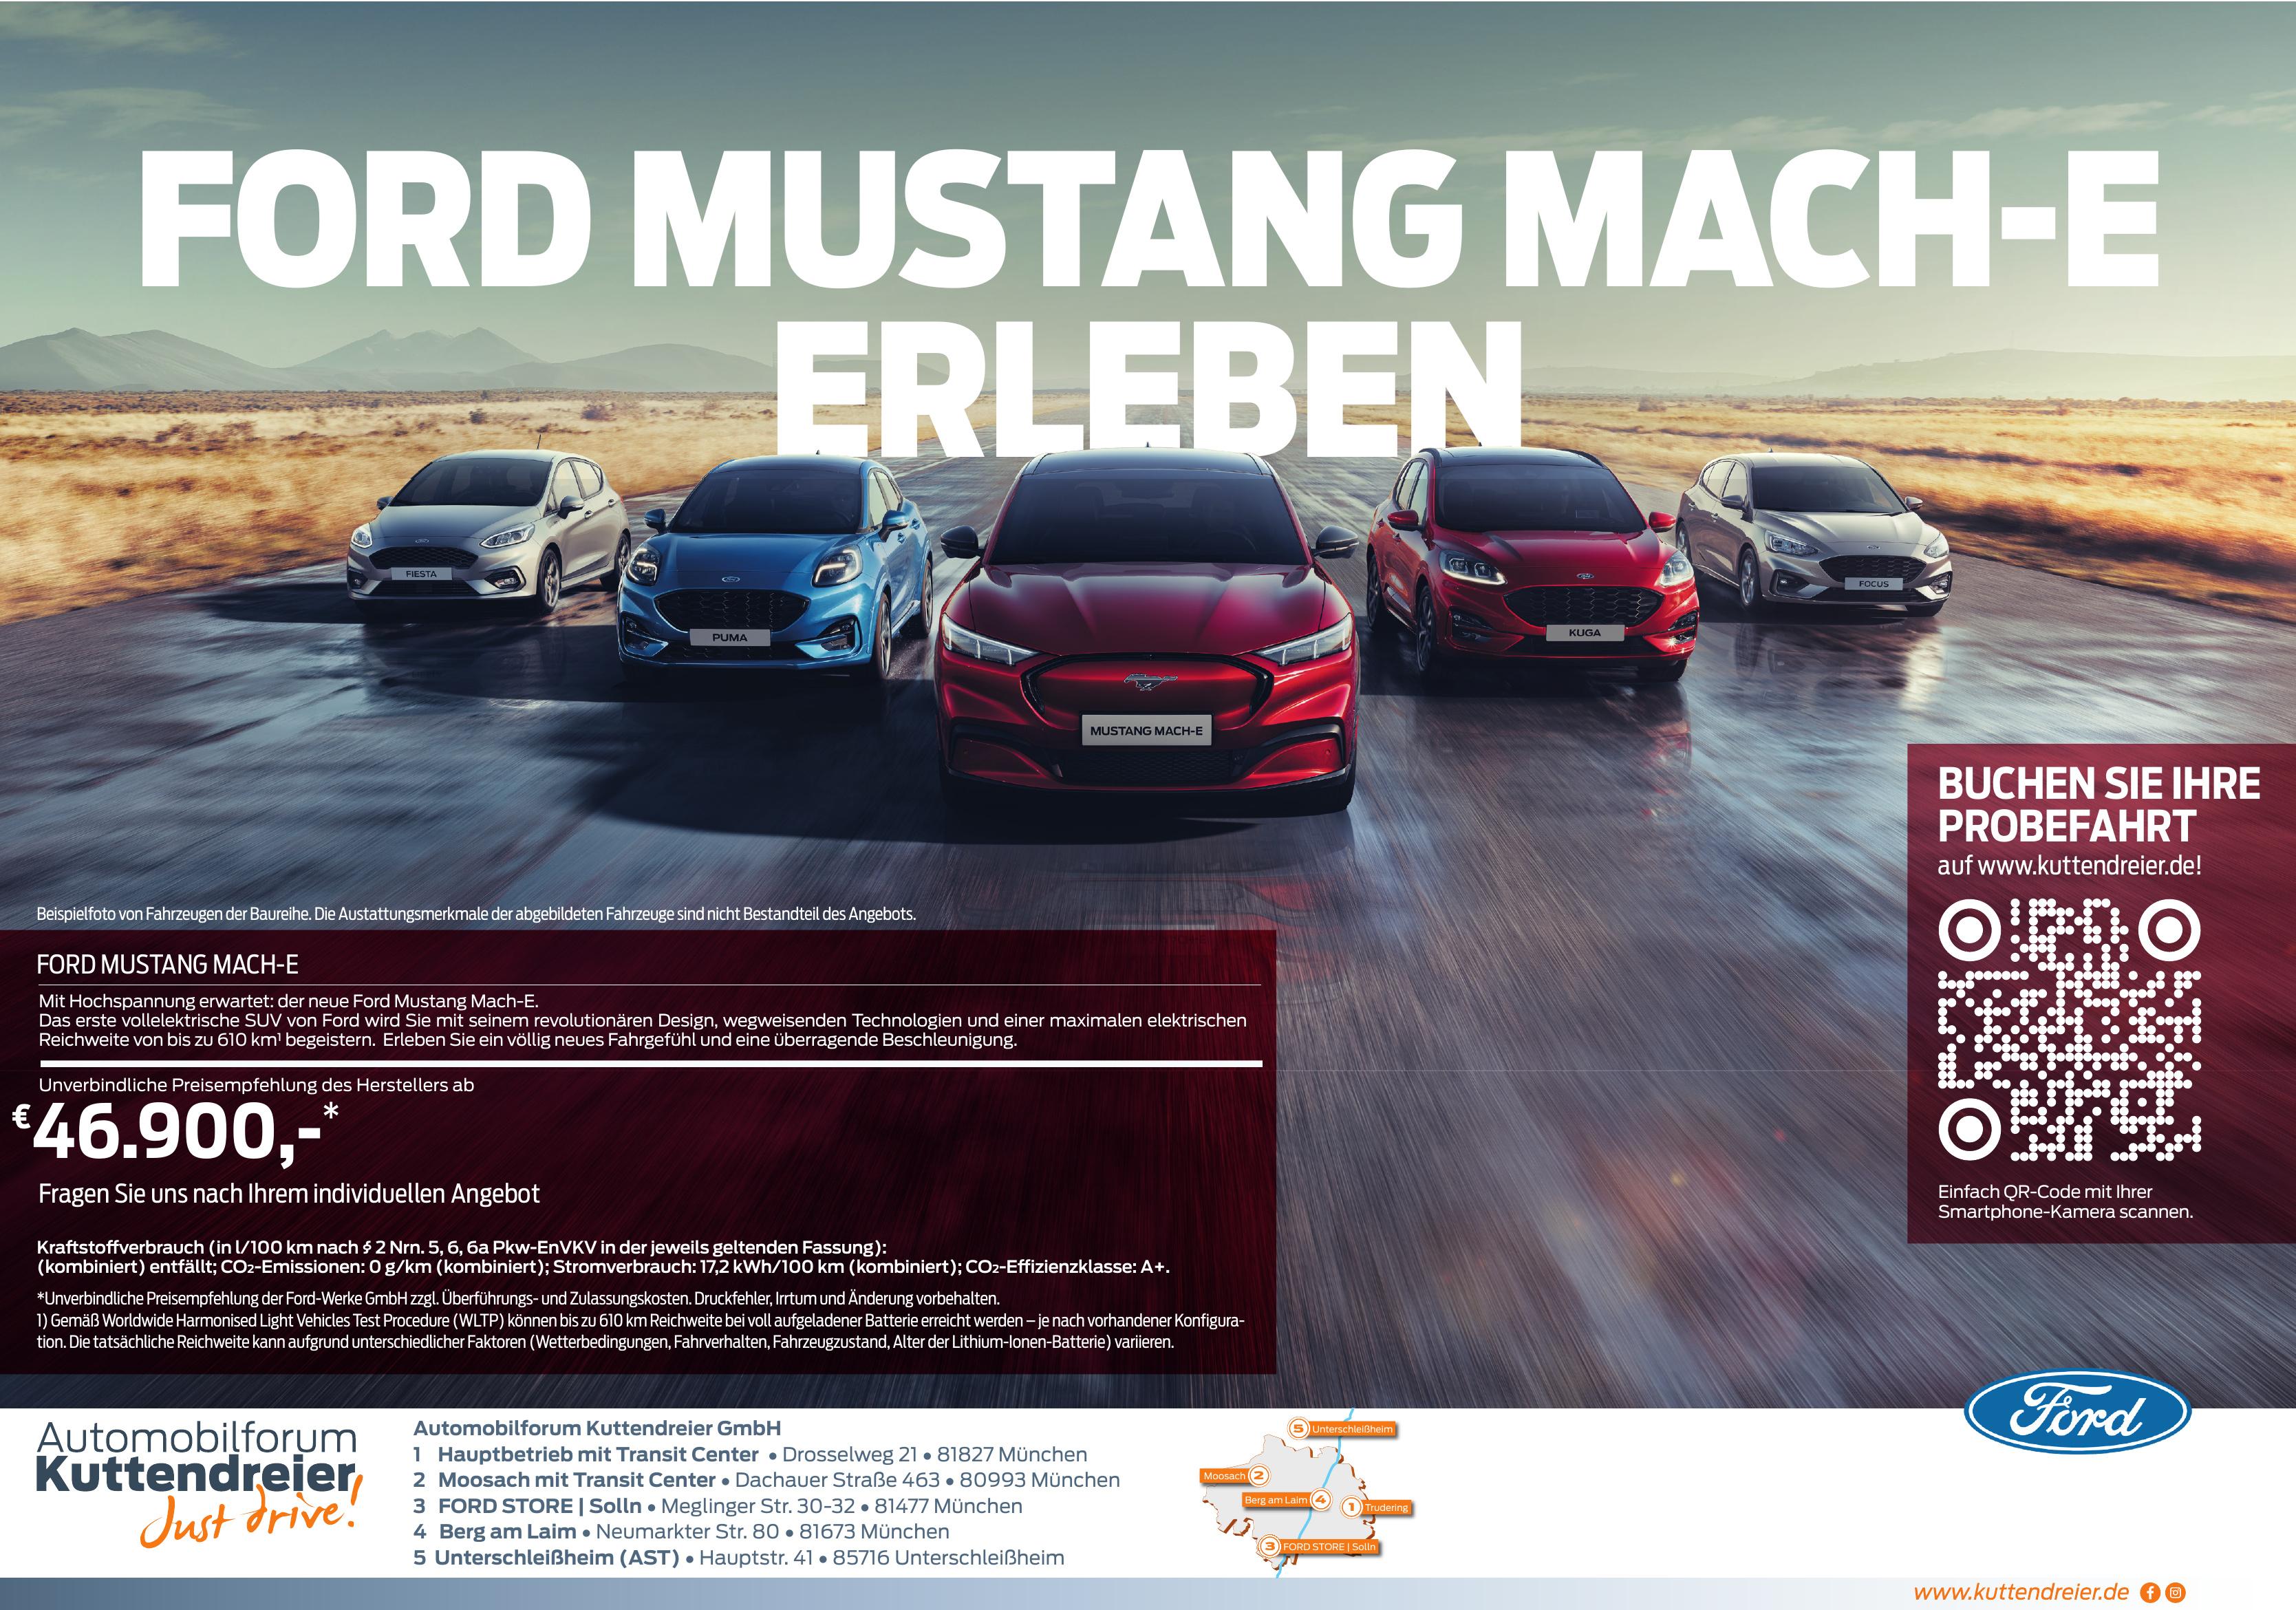 Automobilforum Kuttendreier GmbH